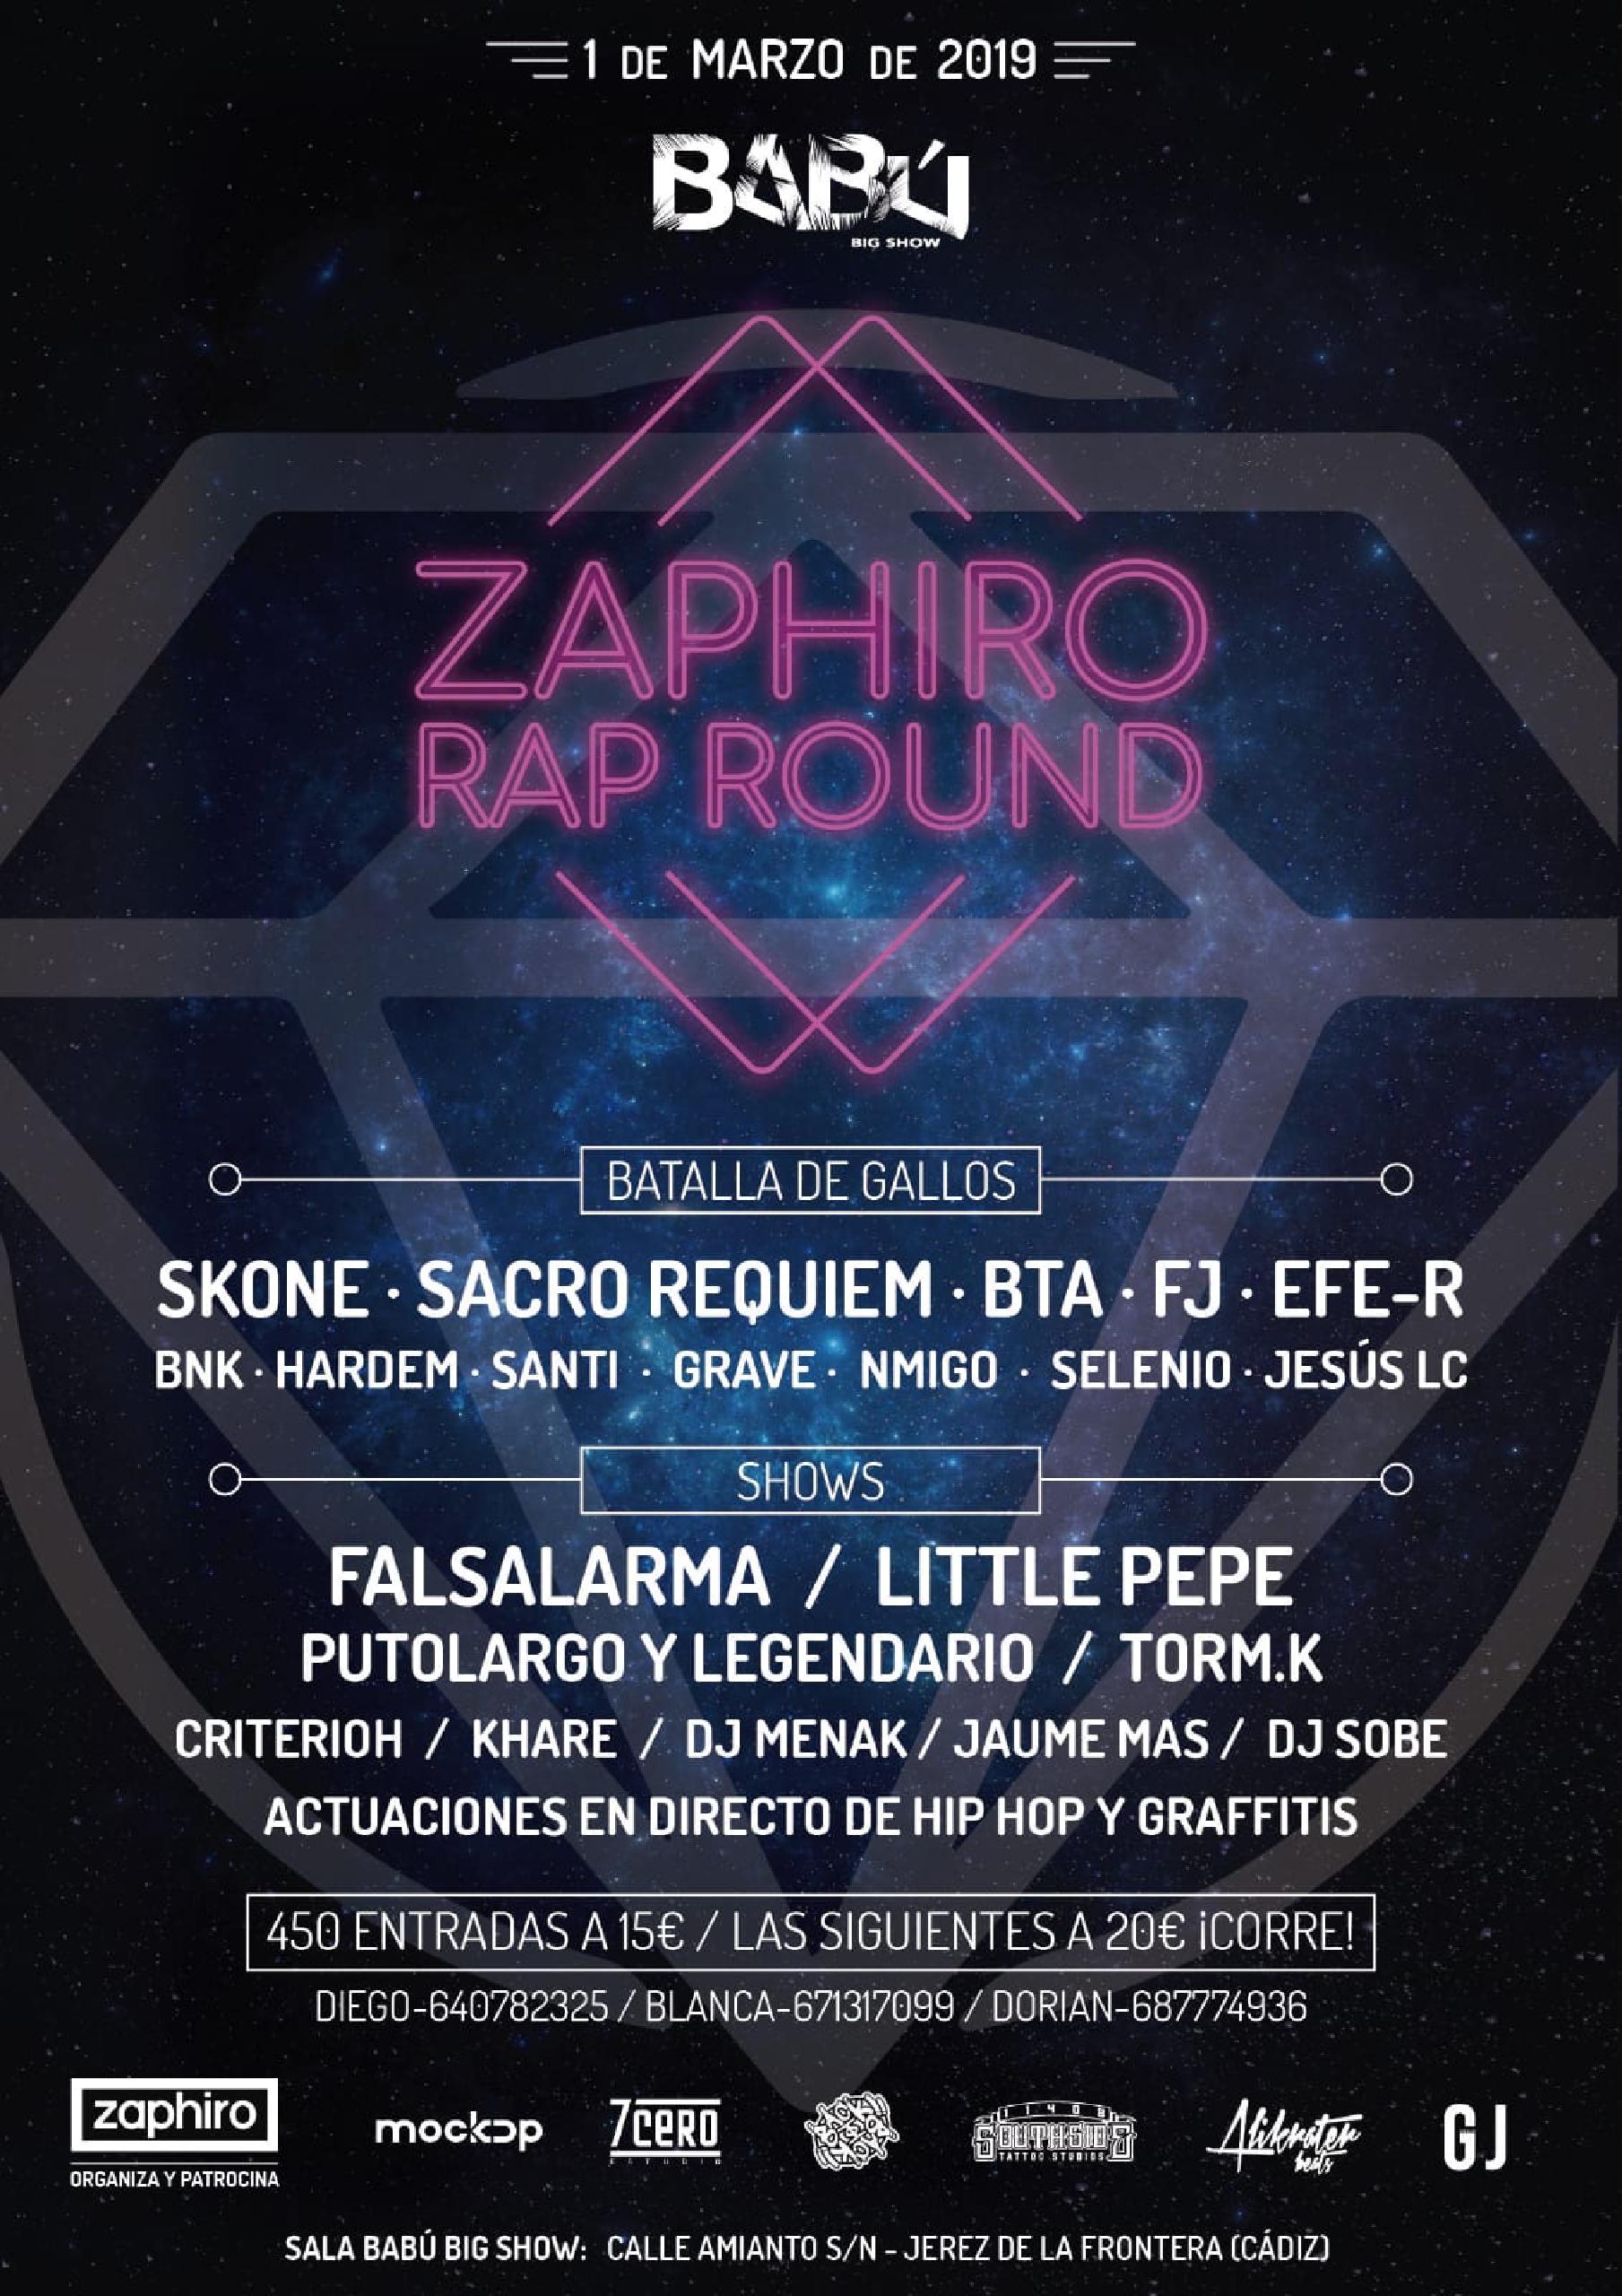 Zaphiro